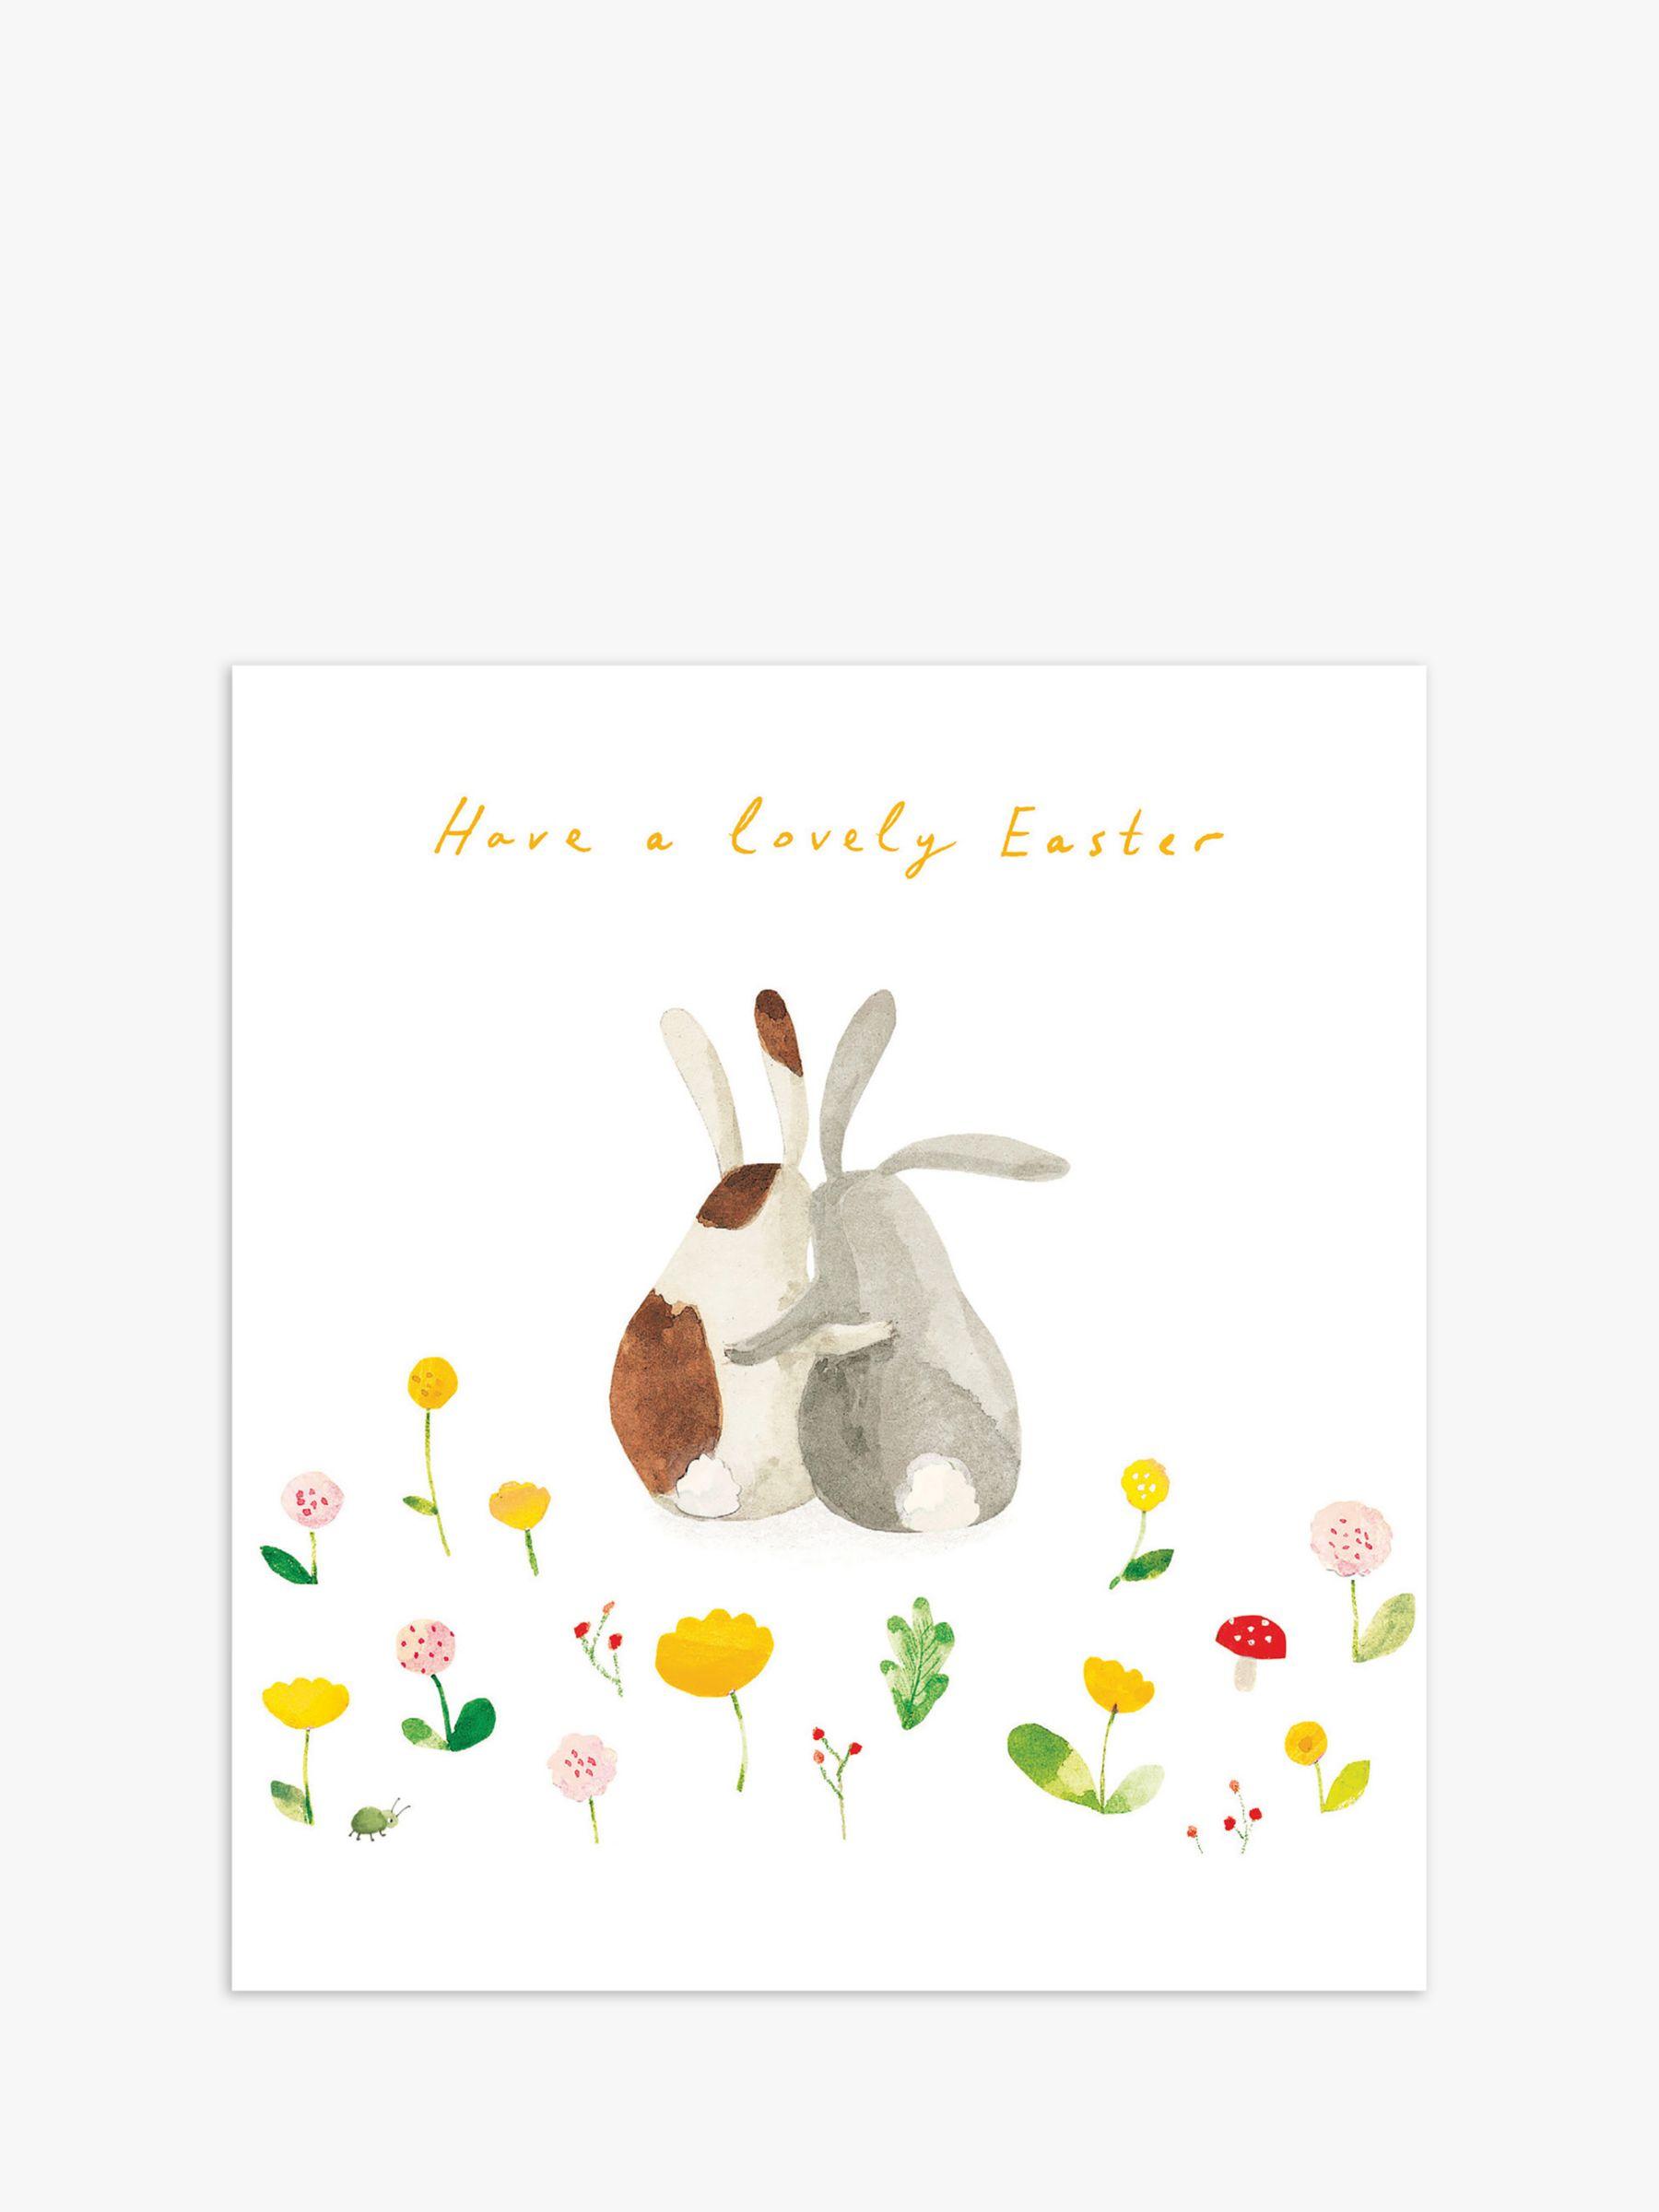 Woodmansterne Woodmansterne Cuddling Bunnies Easter Cards, Pack of 5